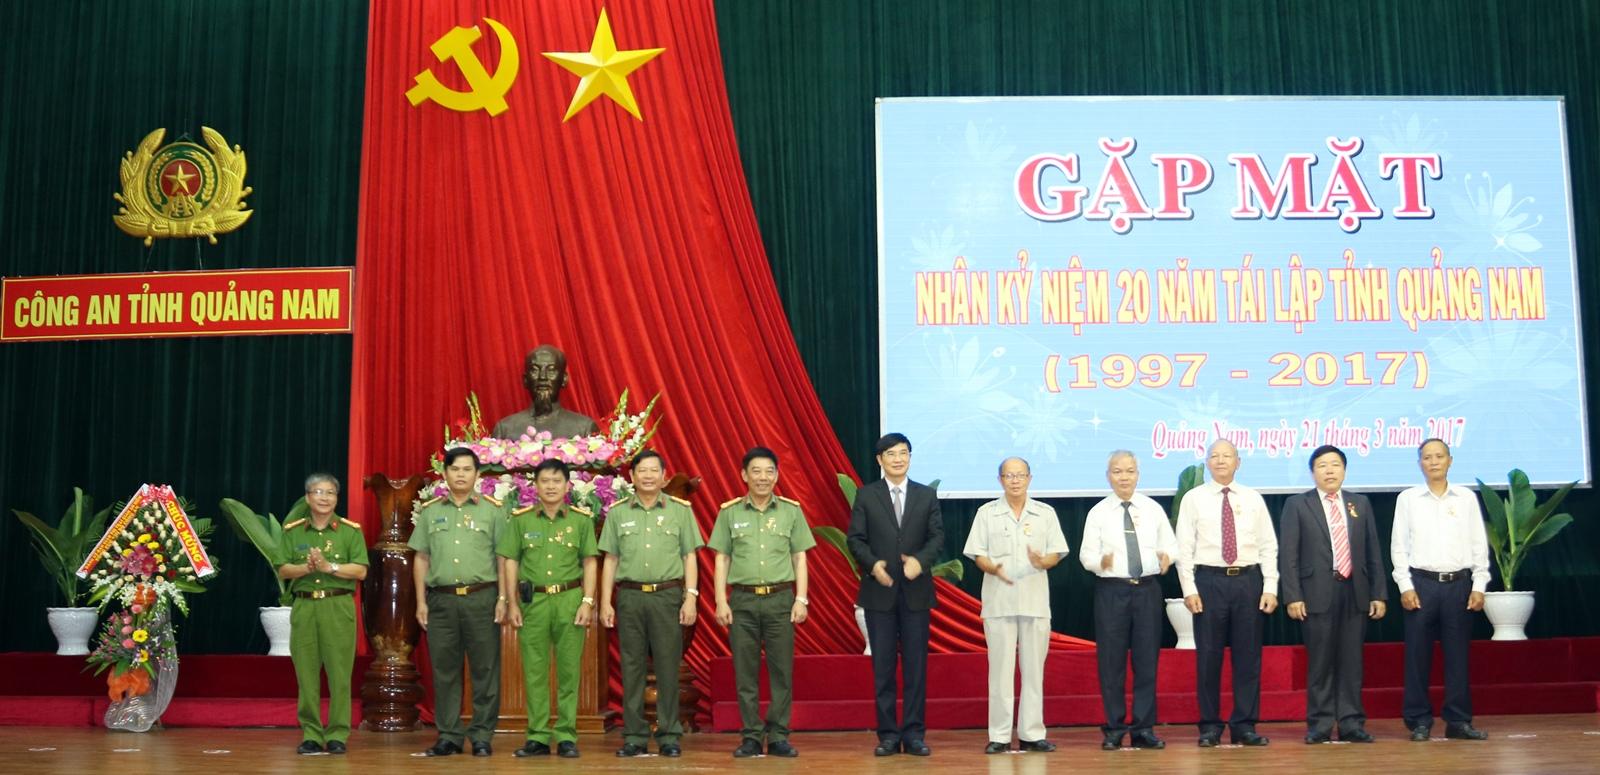 Công an tỉnh Quảng Nam gặp mặt cán bộ lãnh đạo qua các thời kỳ